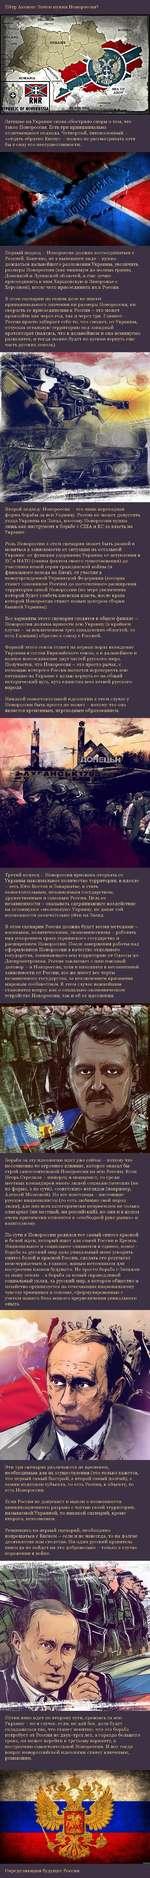 'LAND UKRAINE ROMANIA ЭЕА ОГ А20У Затишье на Украине снова обострило споры о том, что такое Новороссия. Есть три принципиально отличающихся подхода. Четвертый, пятоколонный -«отдать обратно Киеву» - можно не рассматривать хотя бы в силу его неосуществимости. Первый подход - Новороссия должна в